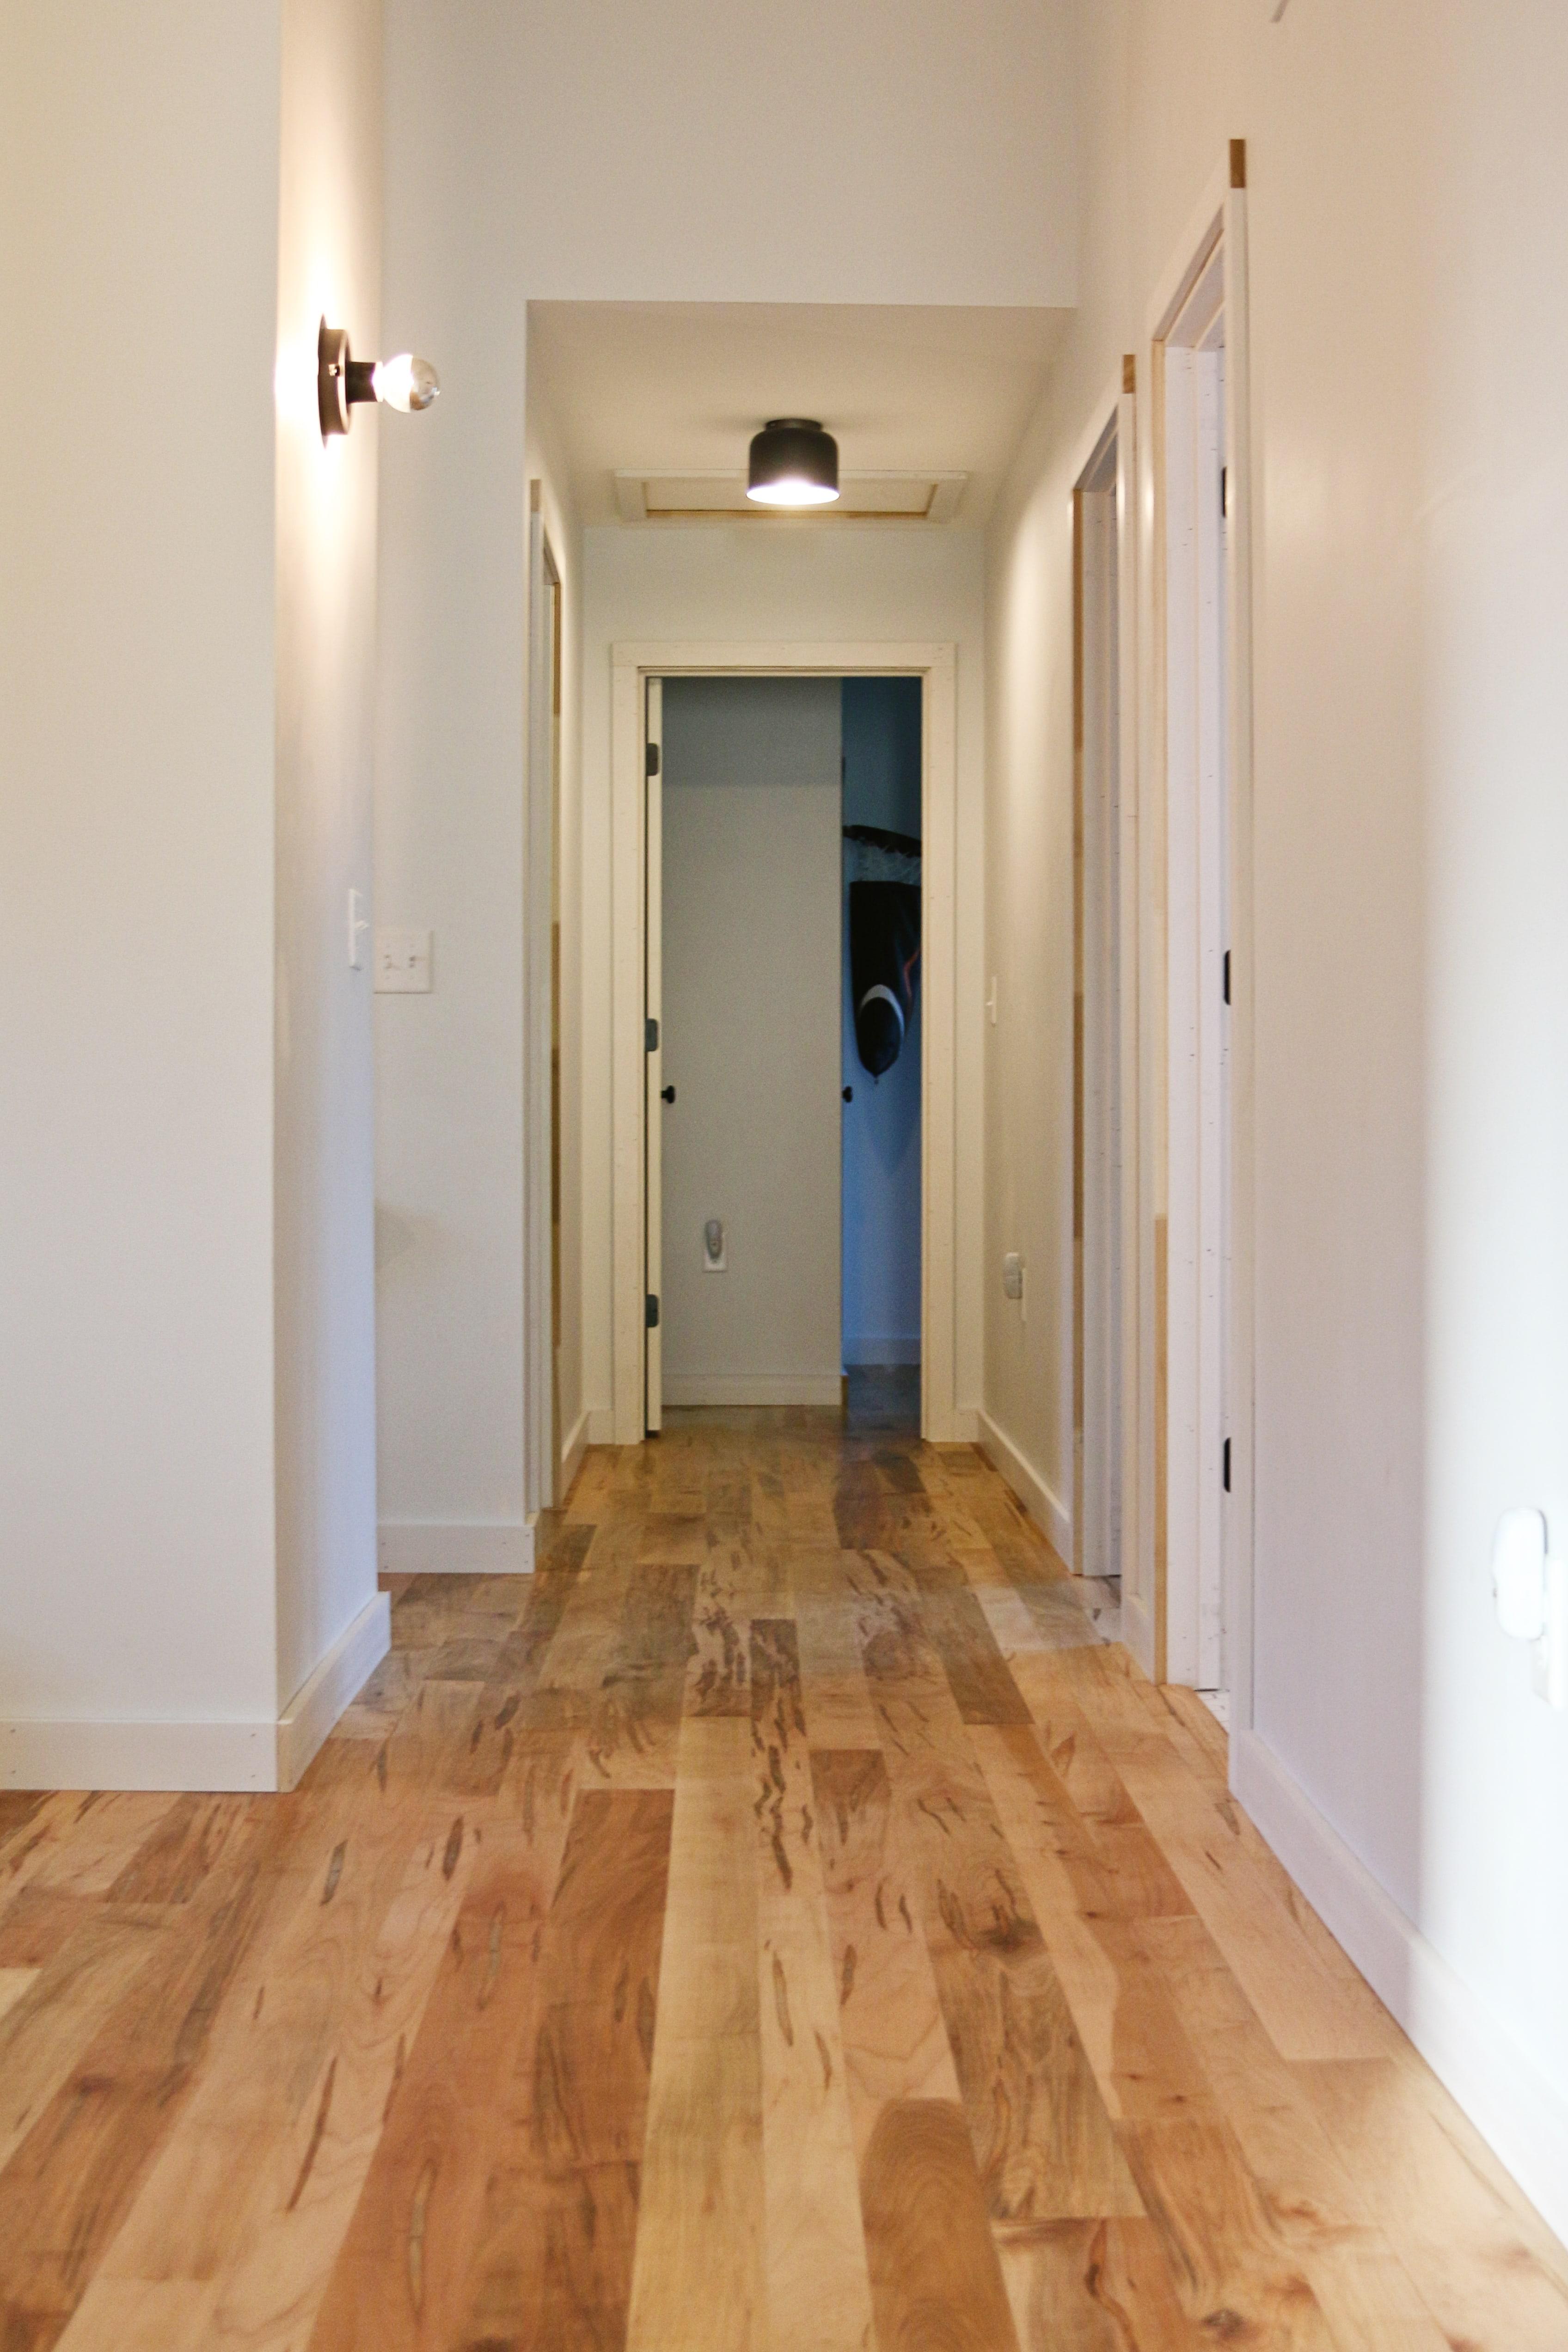 wood-floor-simple-home